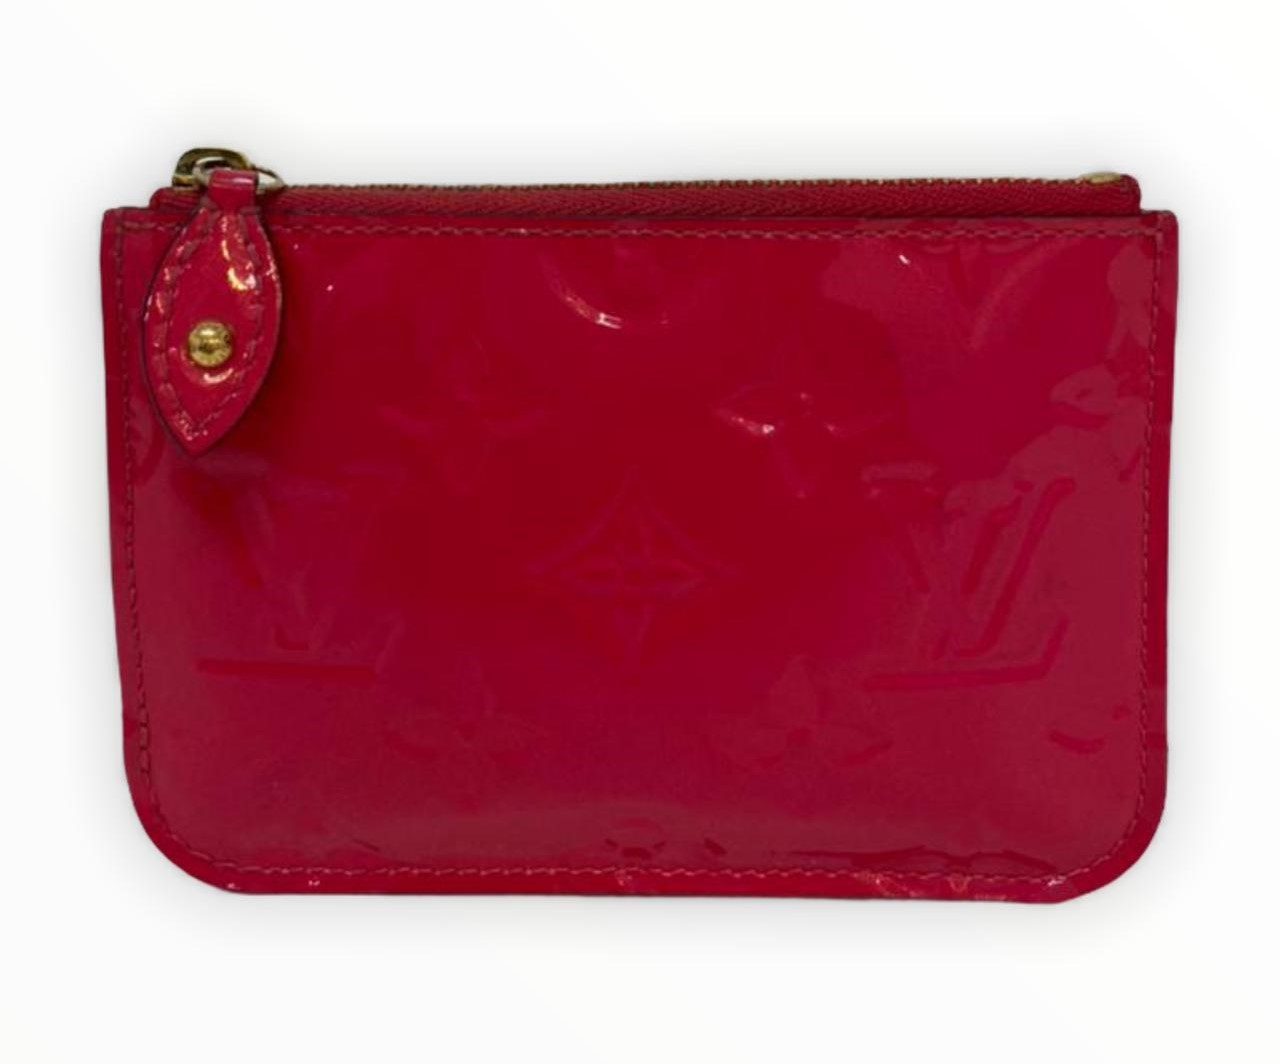 Key Pouch Louis Vuitton Vernis